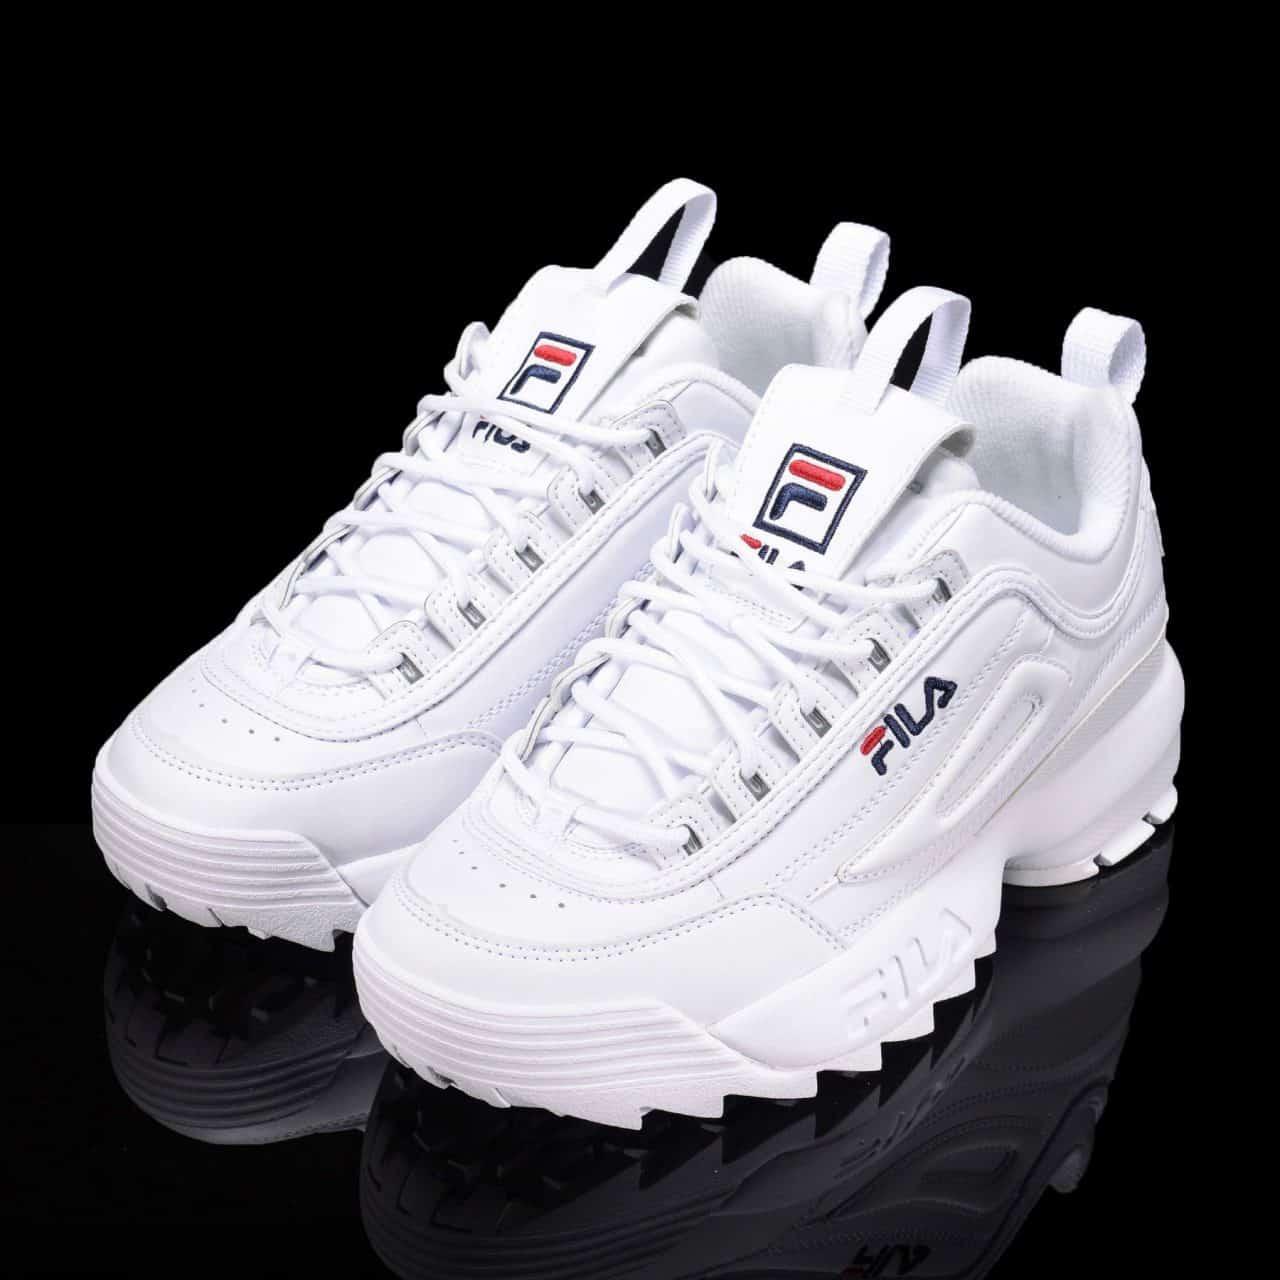 Giày Fila Disruptor 2 là một trong những ngày được ưa chuộng nhất hiện nay